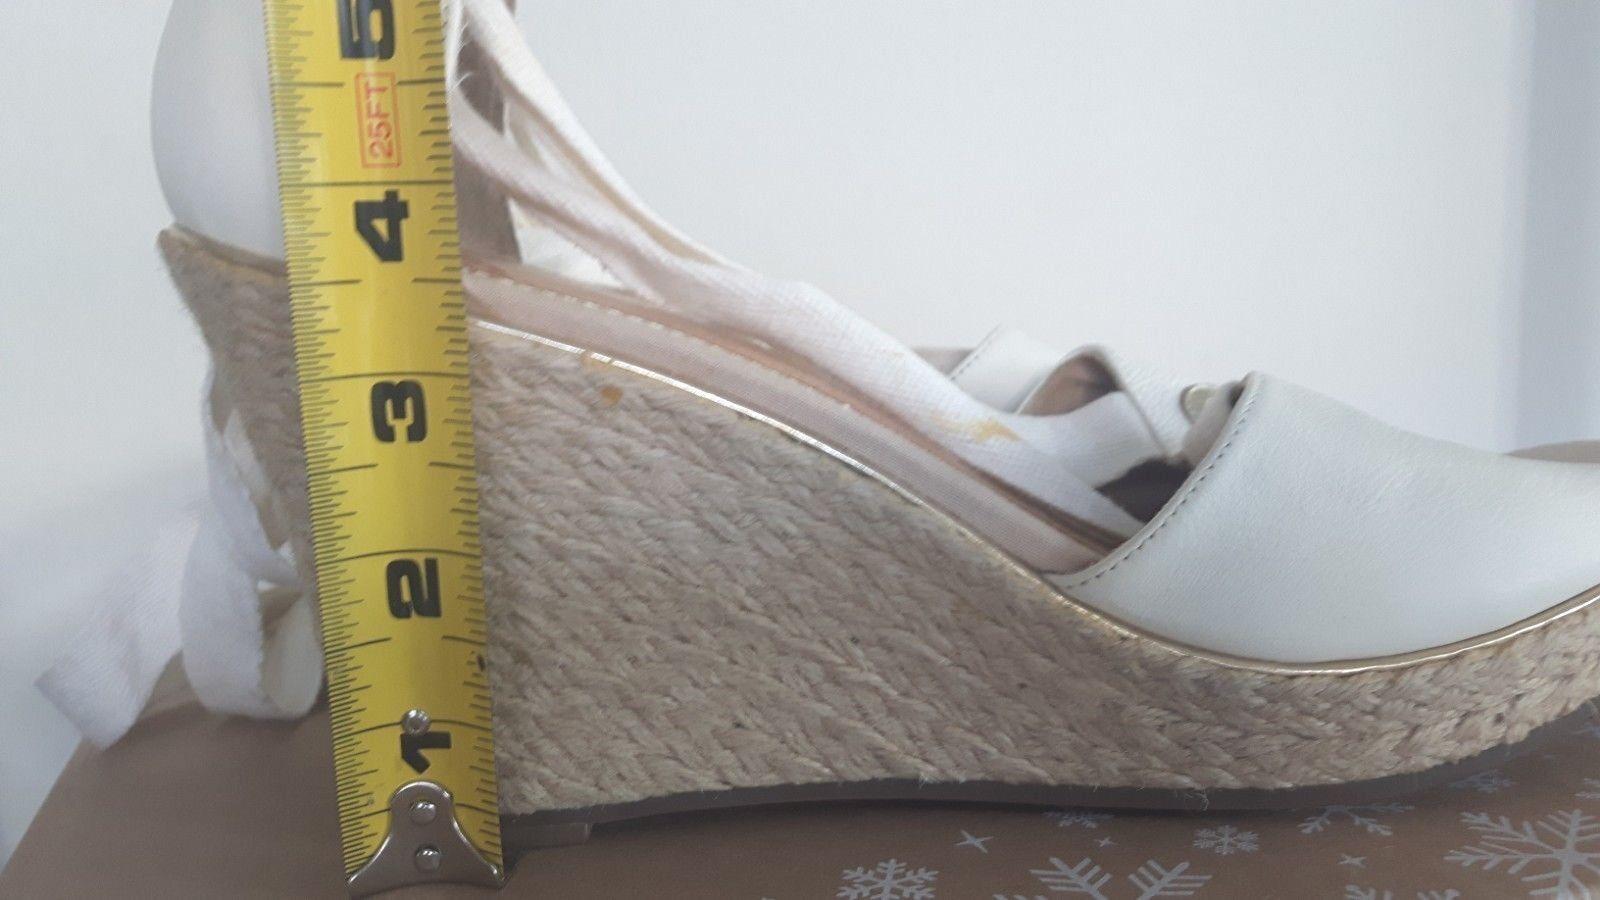 Sperry Top Gladiador Sider blancoo 11 Cuña Lona Correa Atar Gladiador Top Cuerda de Cáñamo Puntera Abierta 08c347